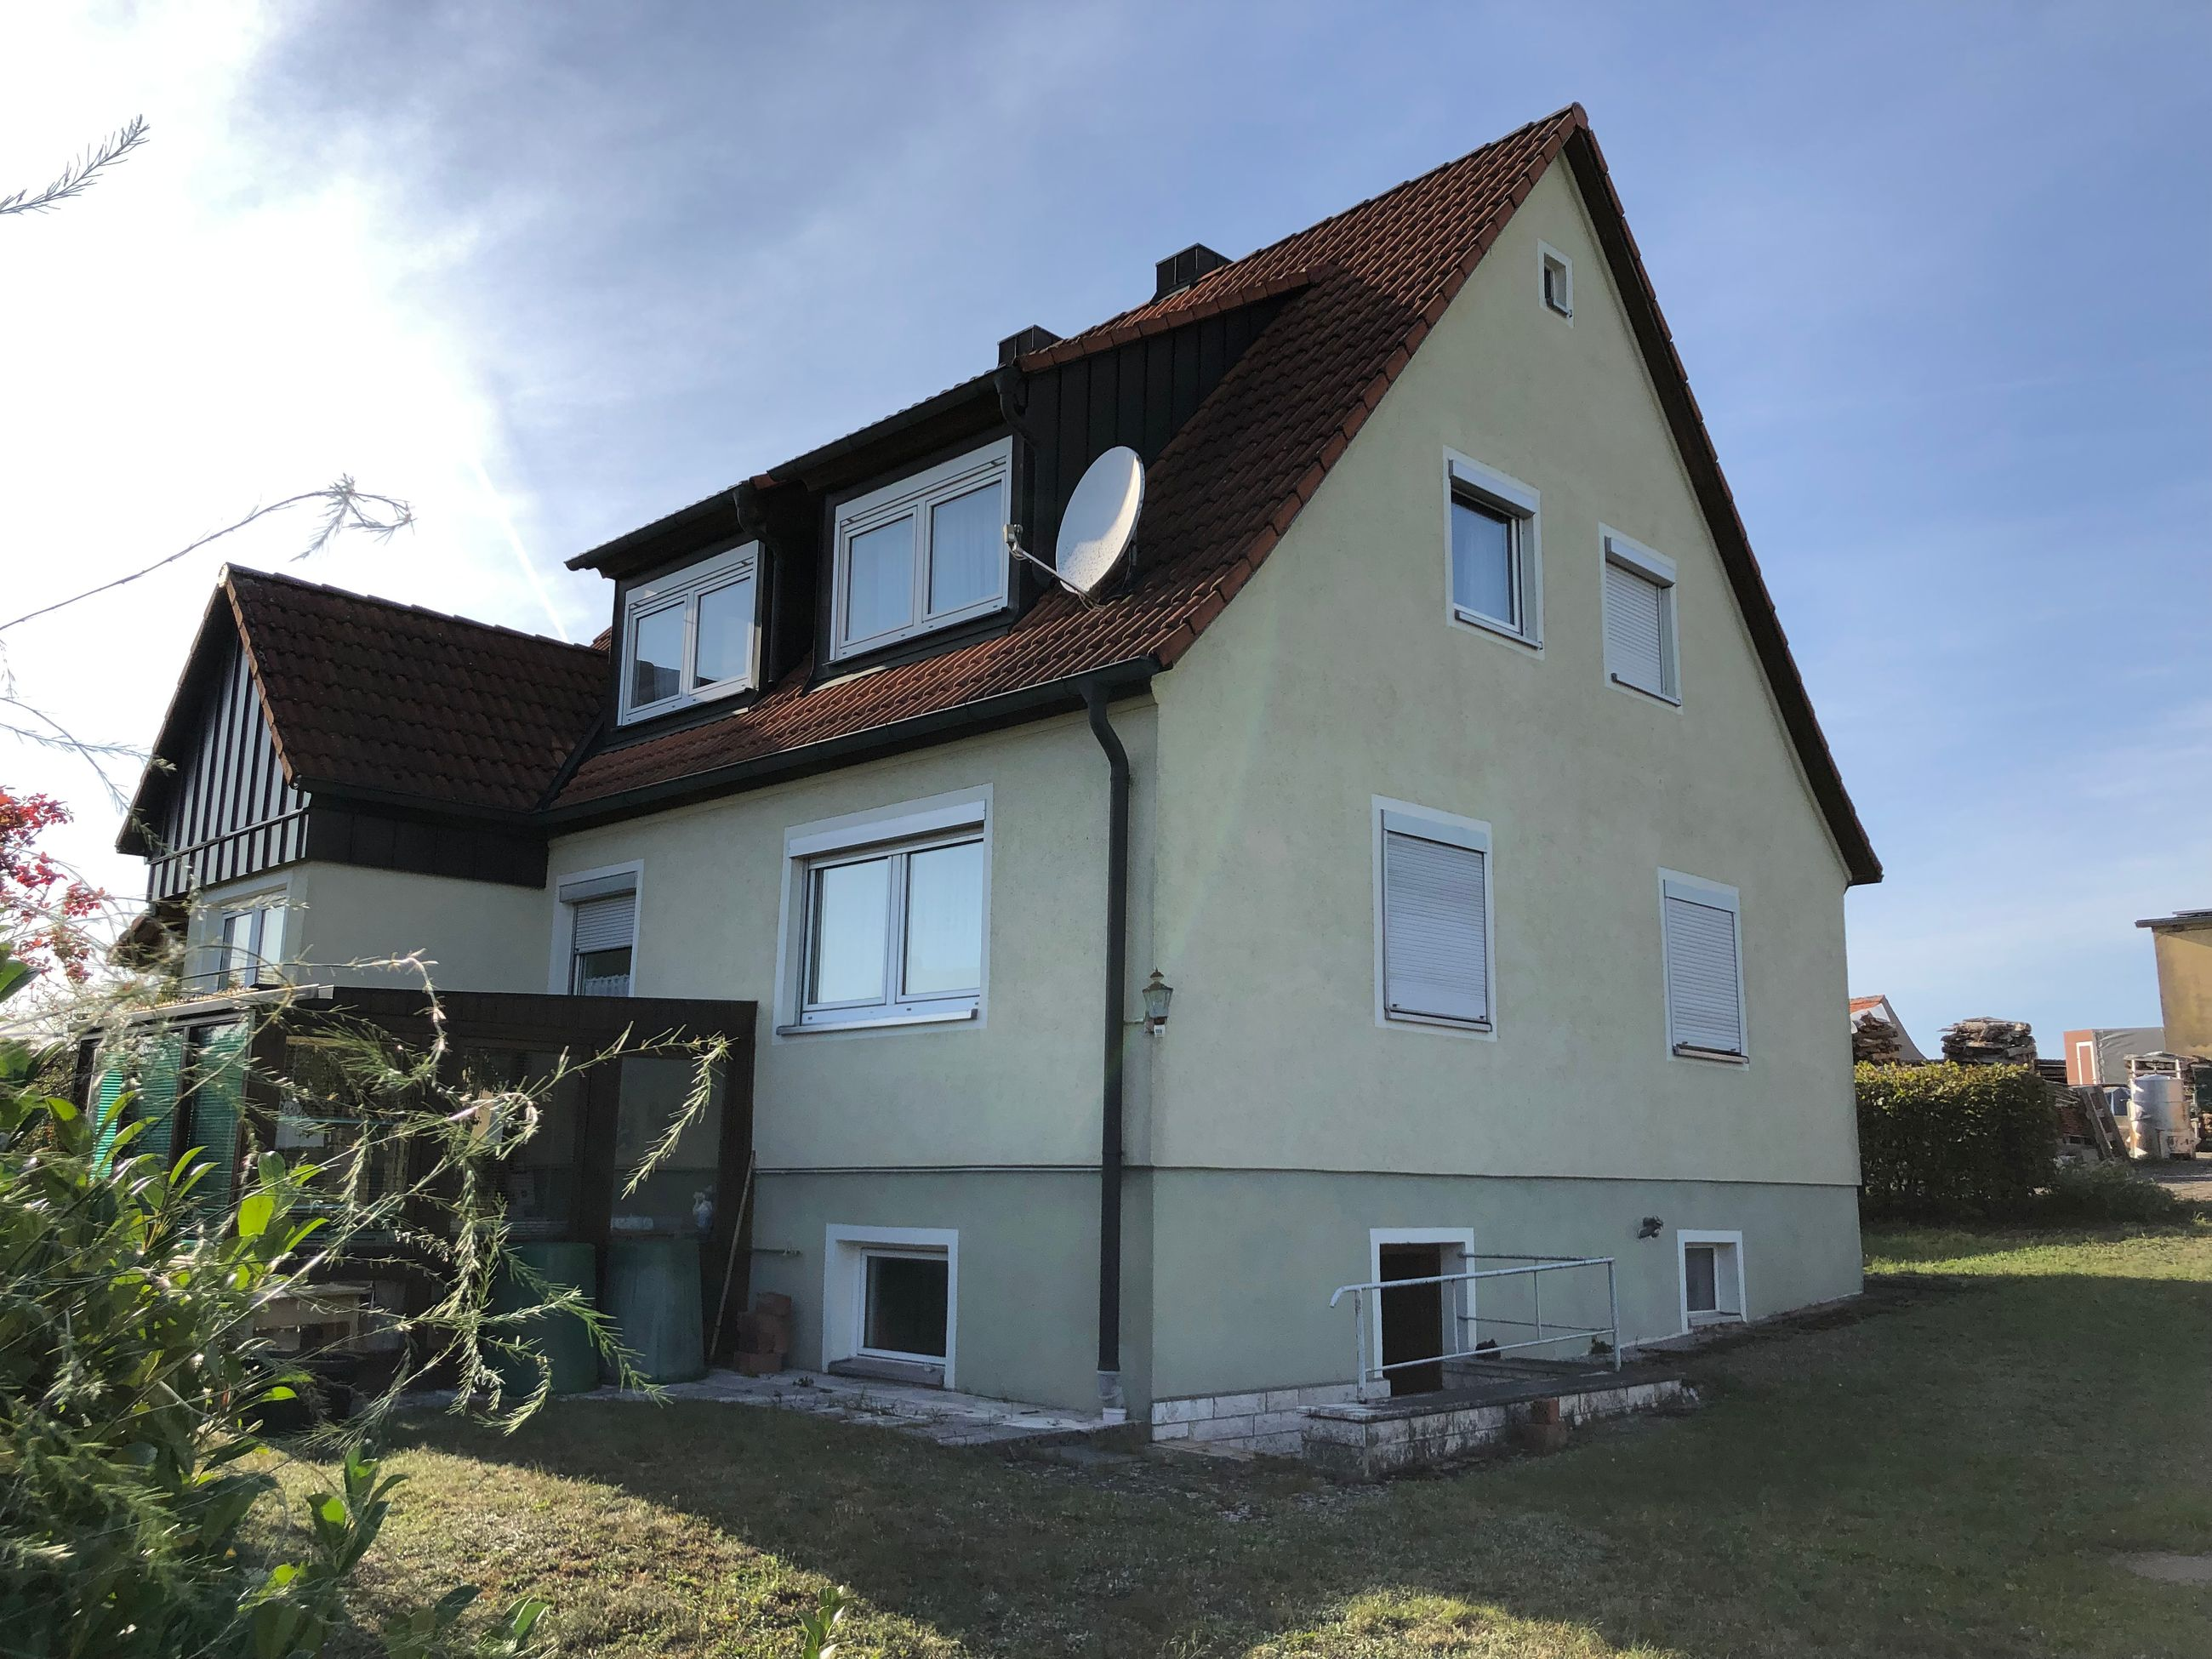 Einfamilienhaus in Dentlein am Forst